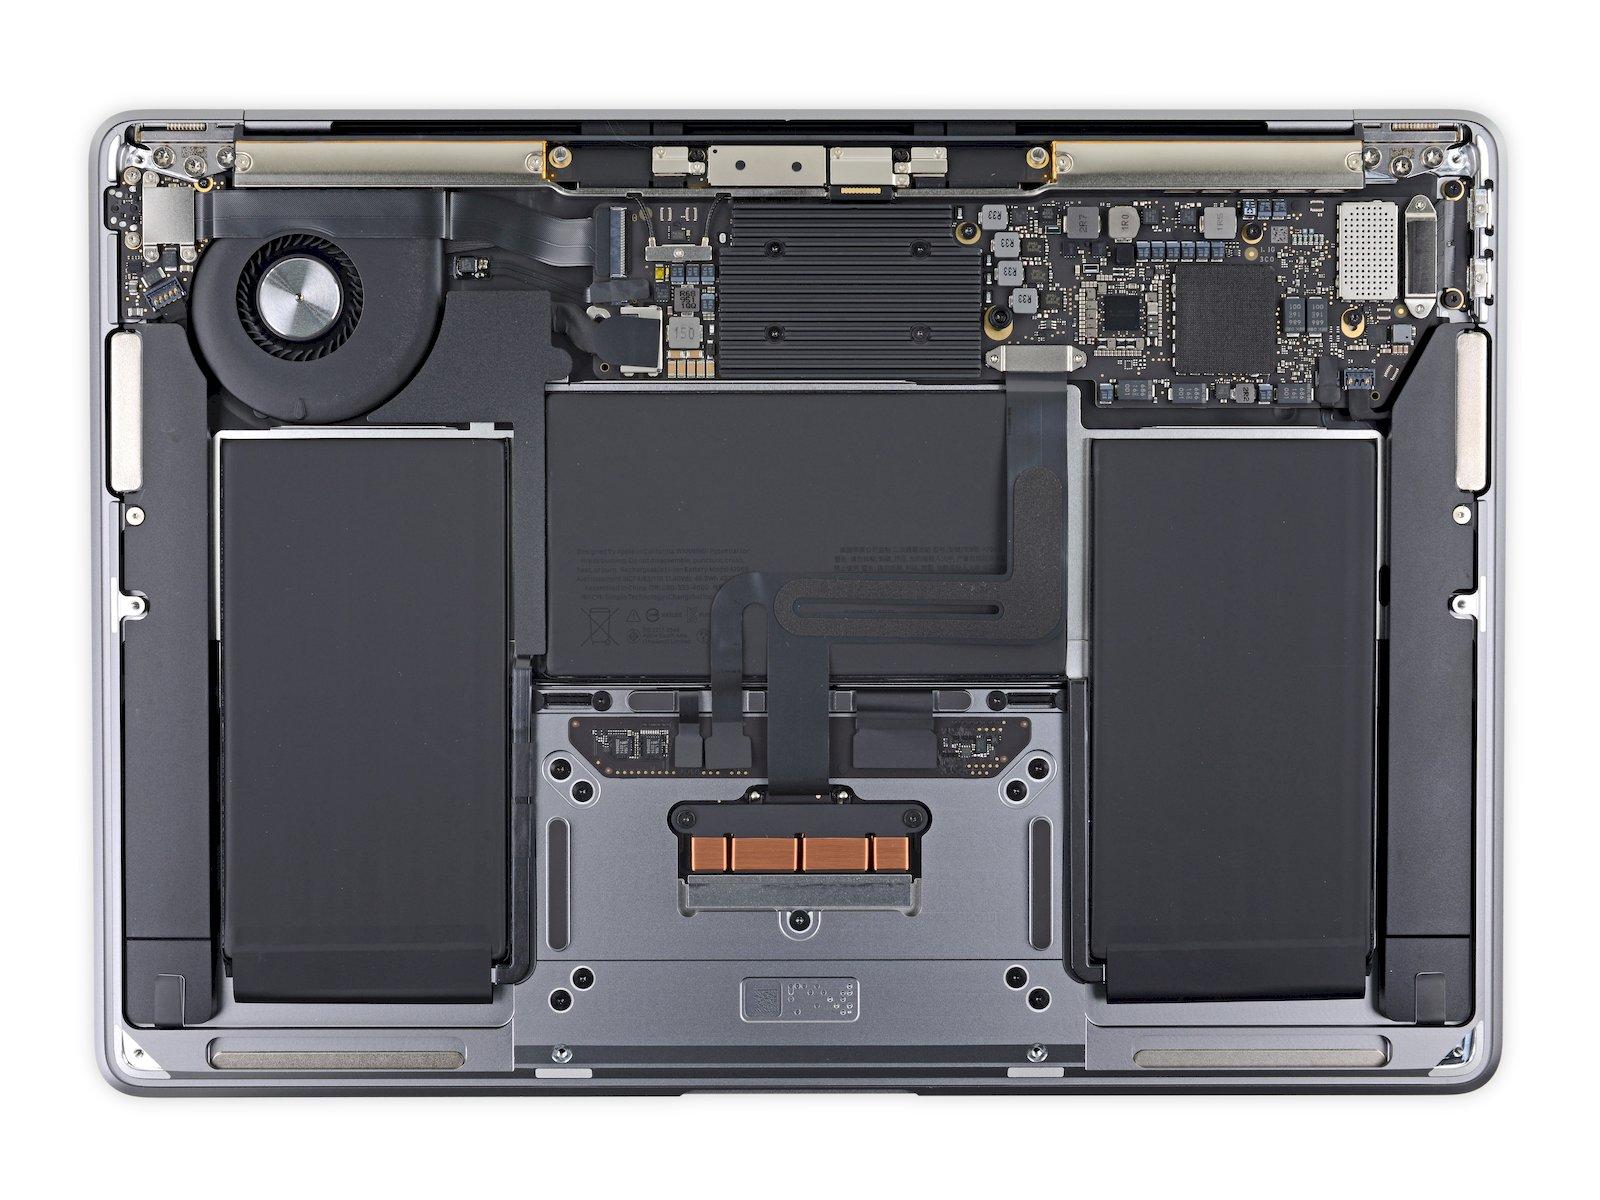 اپل تصمیم به استفاده از چه تراشهای برای مدلهای جدید مک بوک پرو گرفته است؟